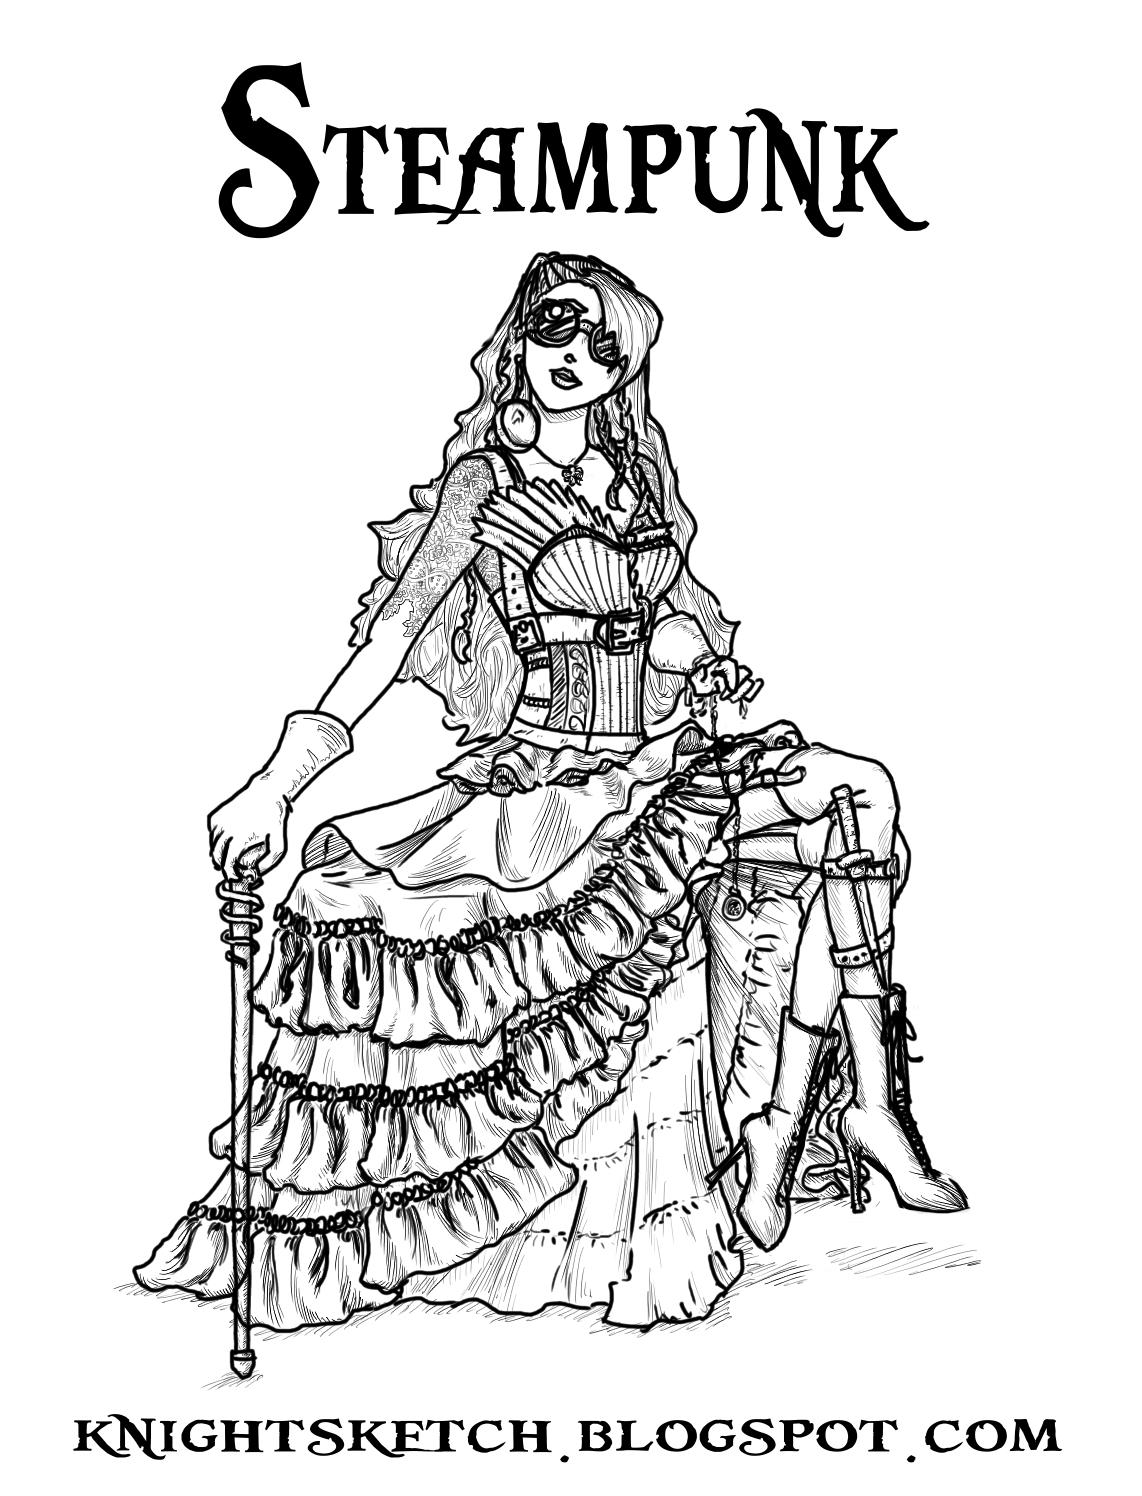 Sketch Blog: May 2011